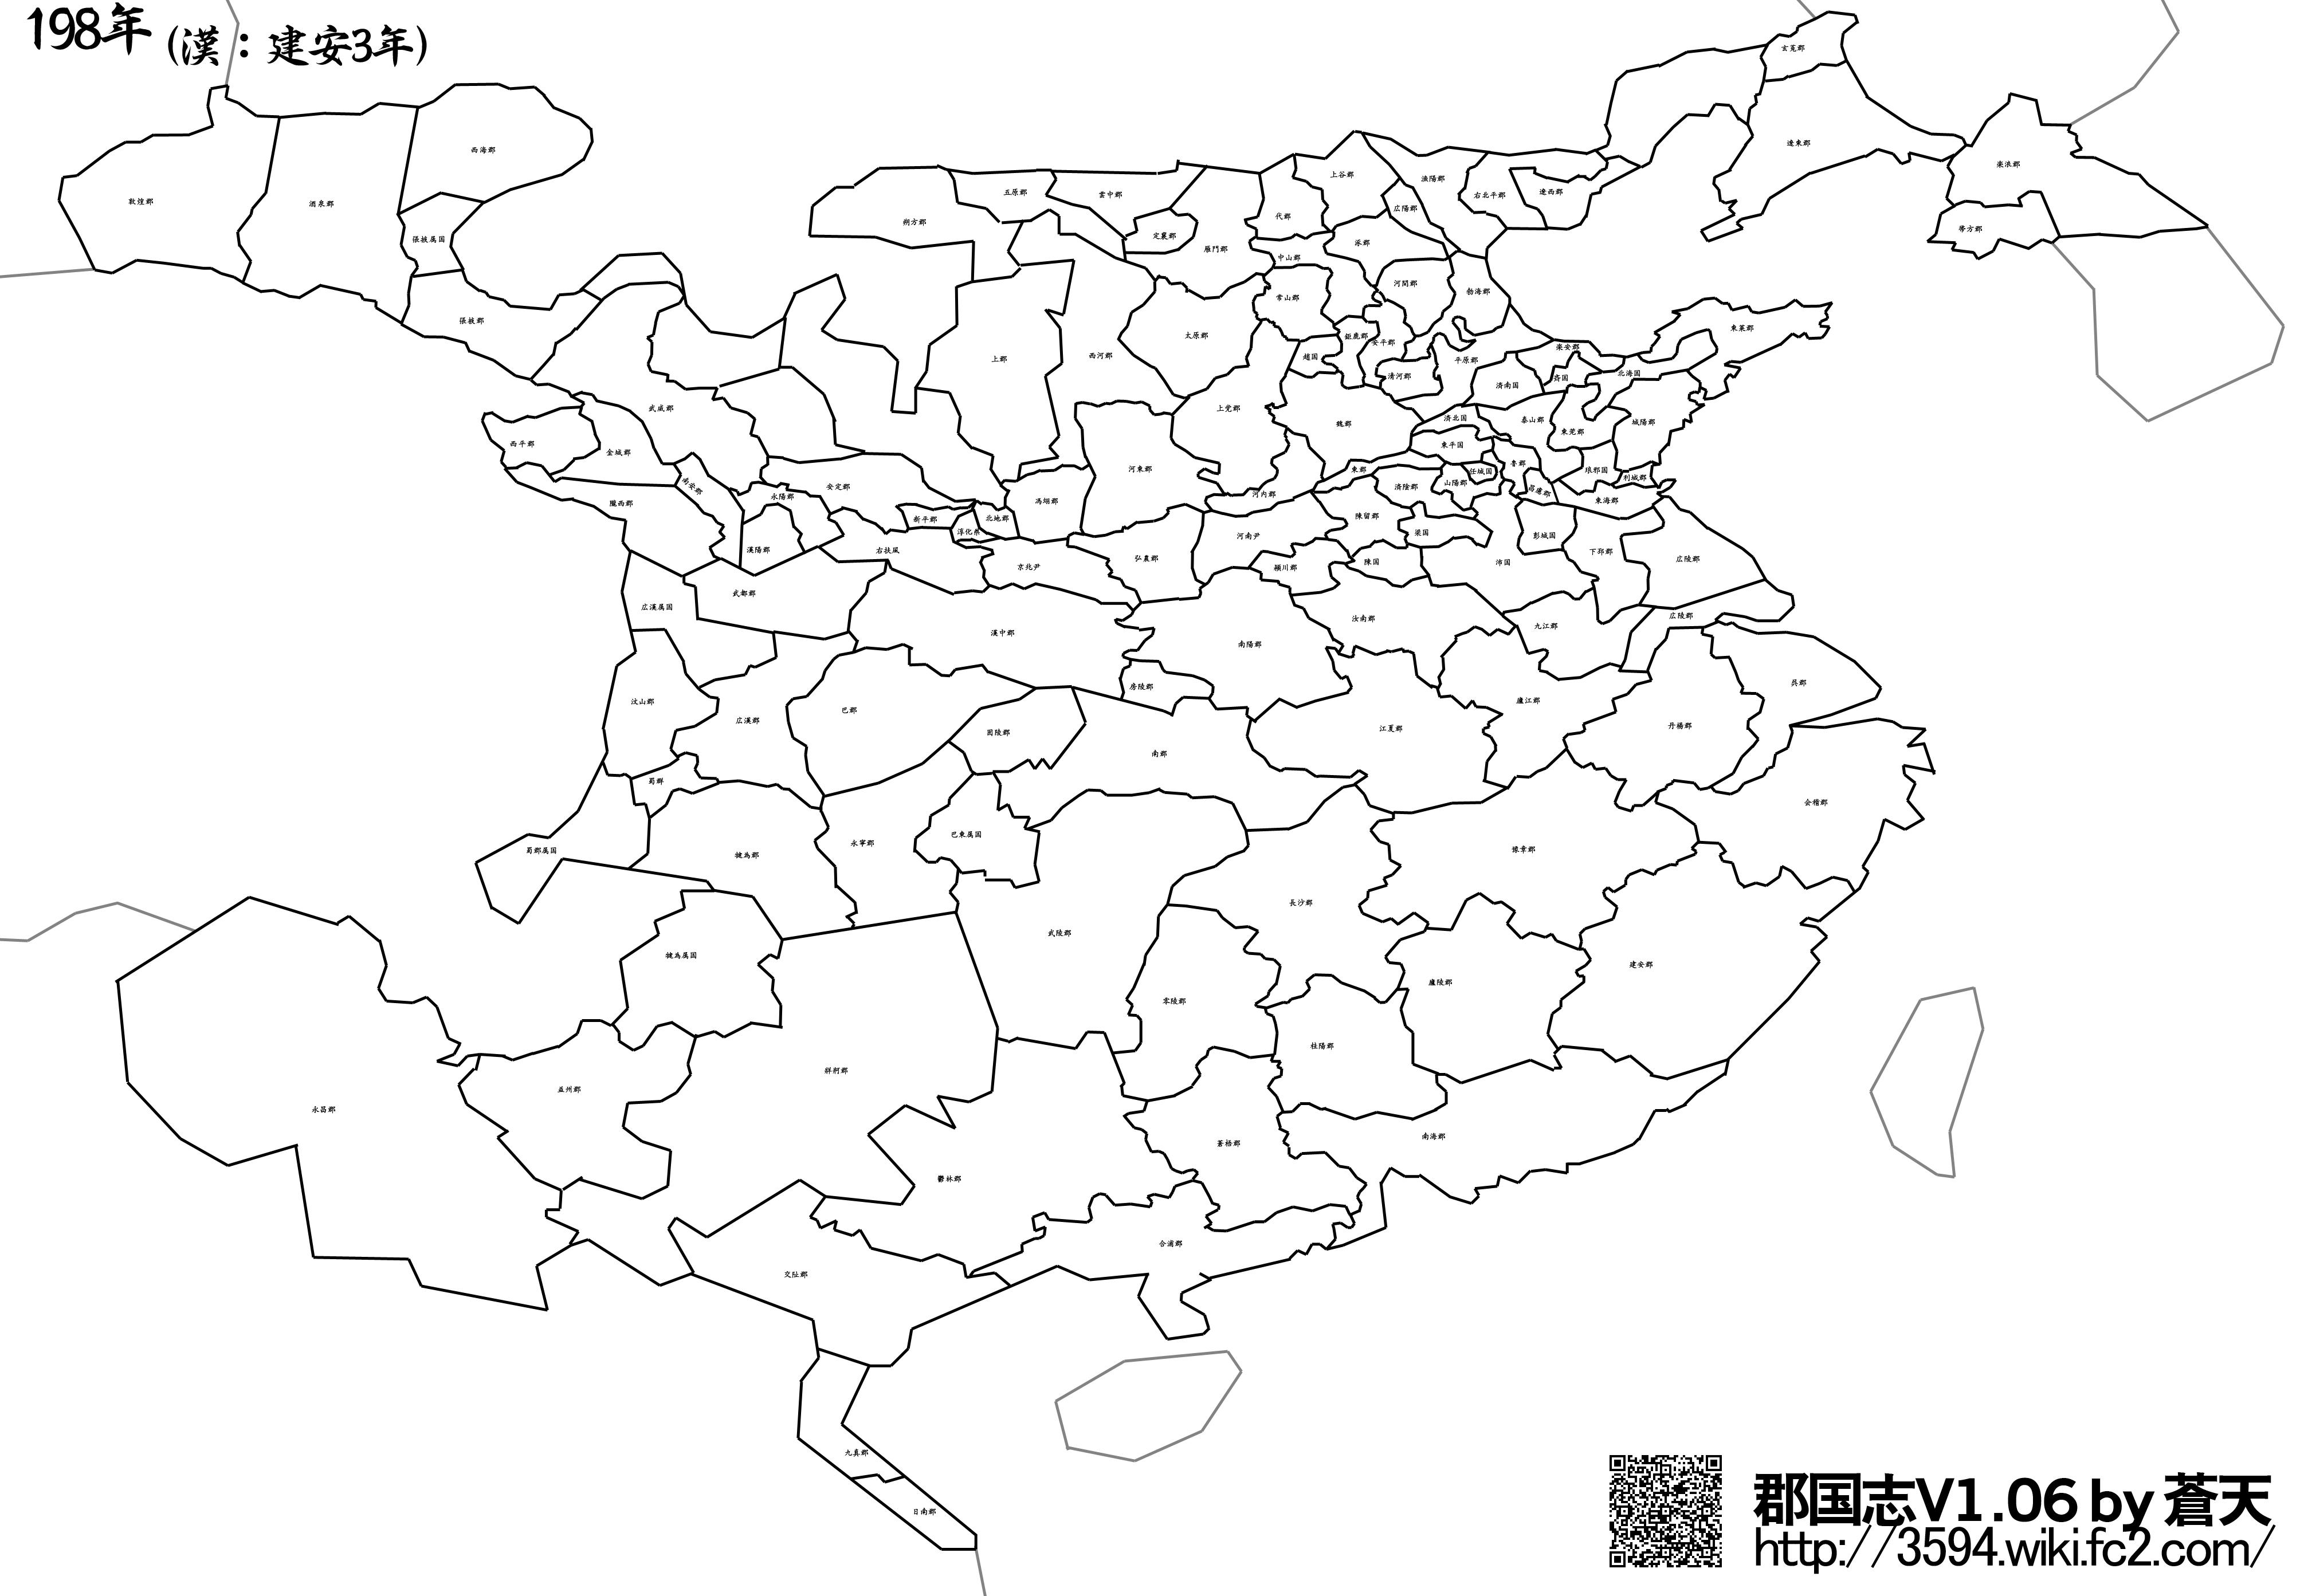 郡国志v106_198年